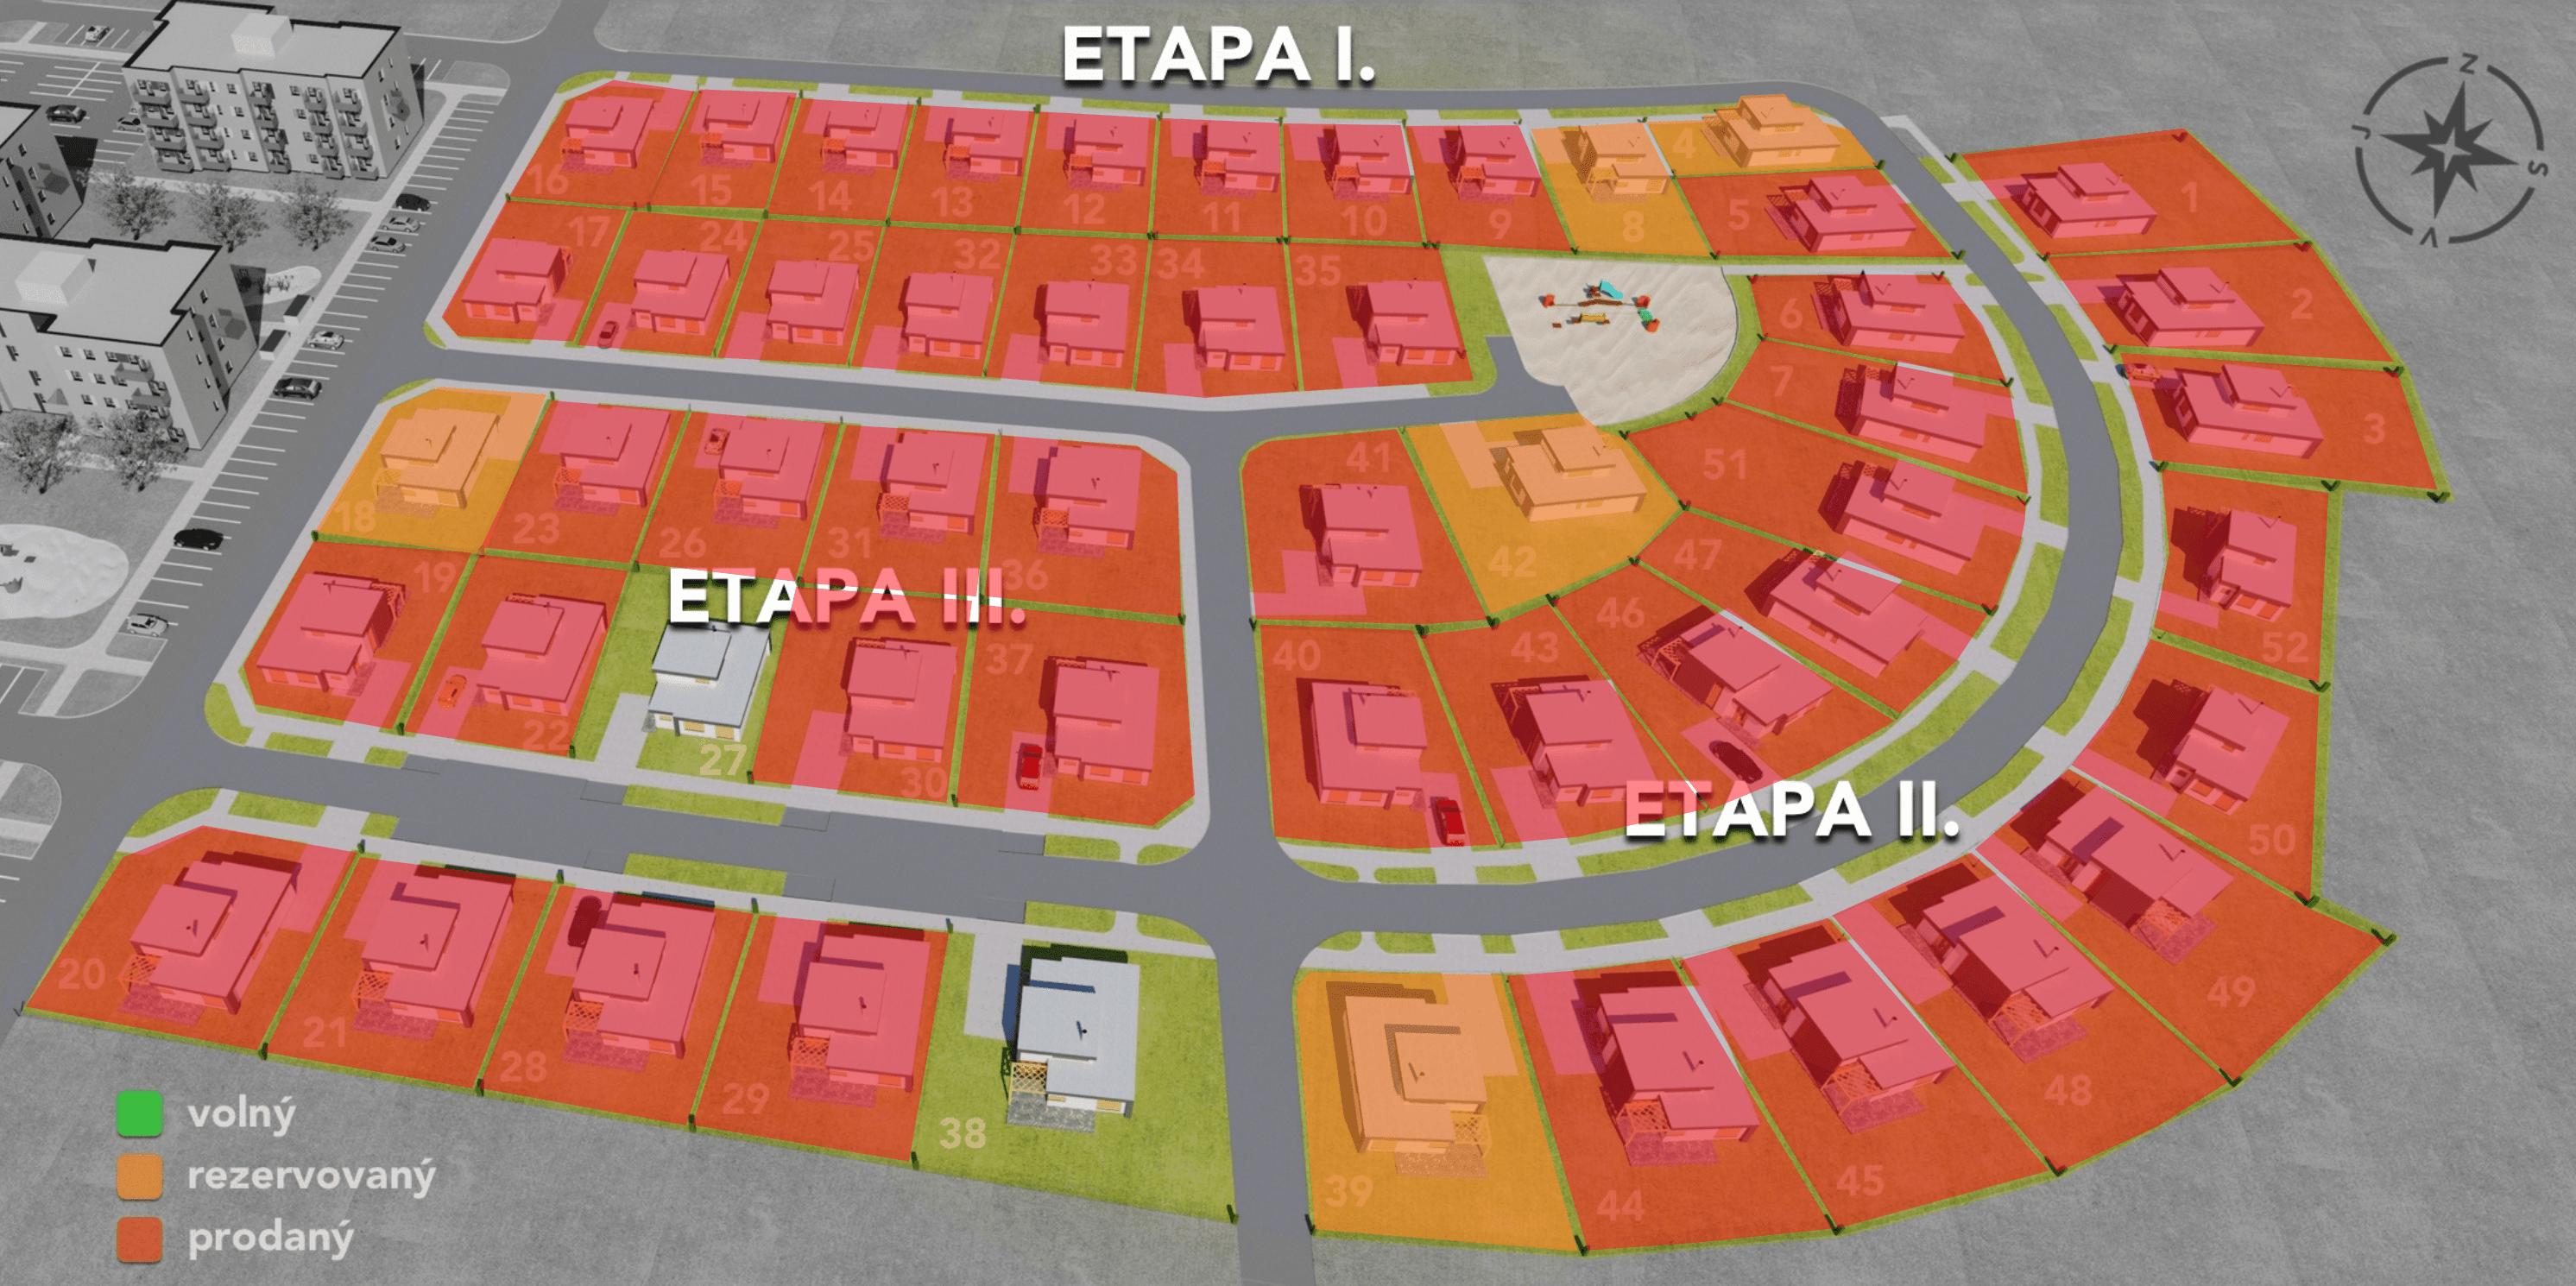 mapa_lokalita_2019zari-compressor